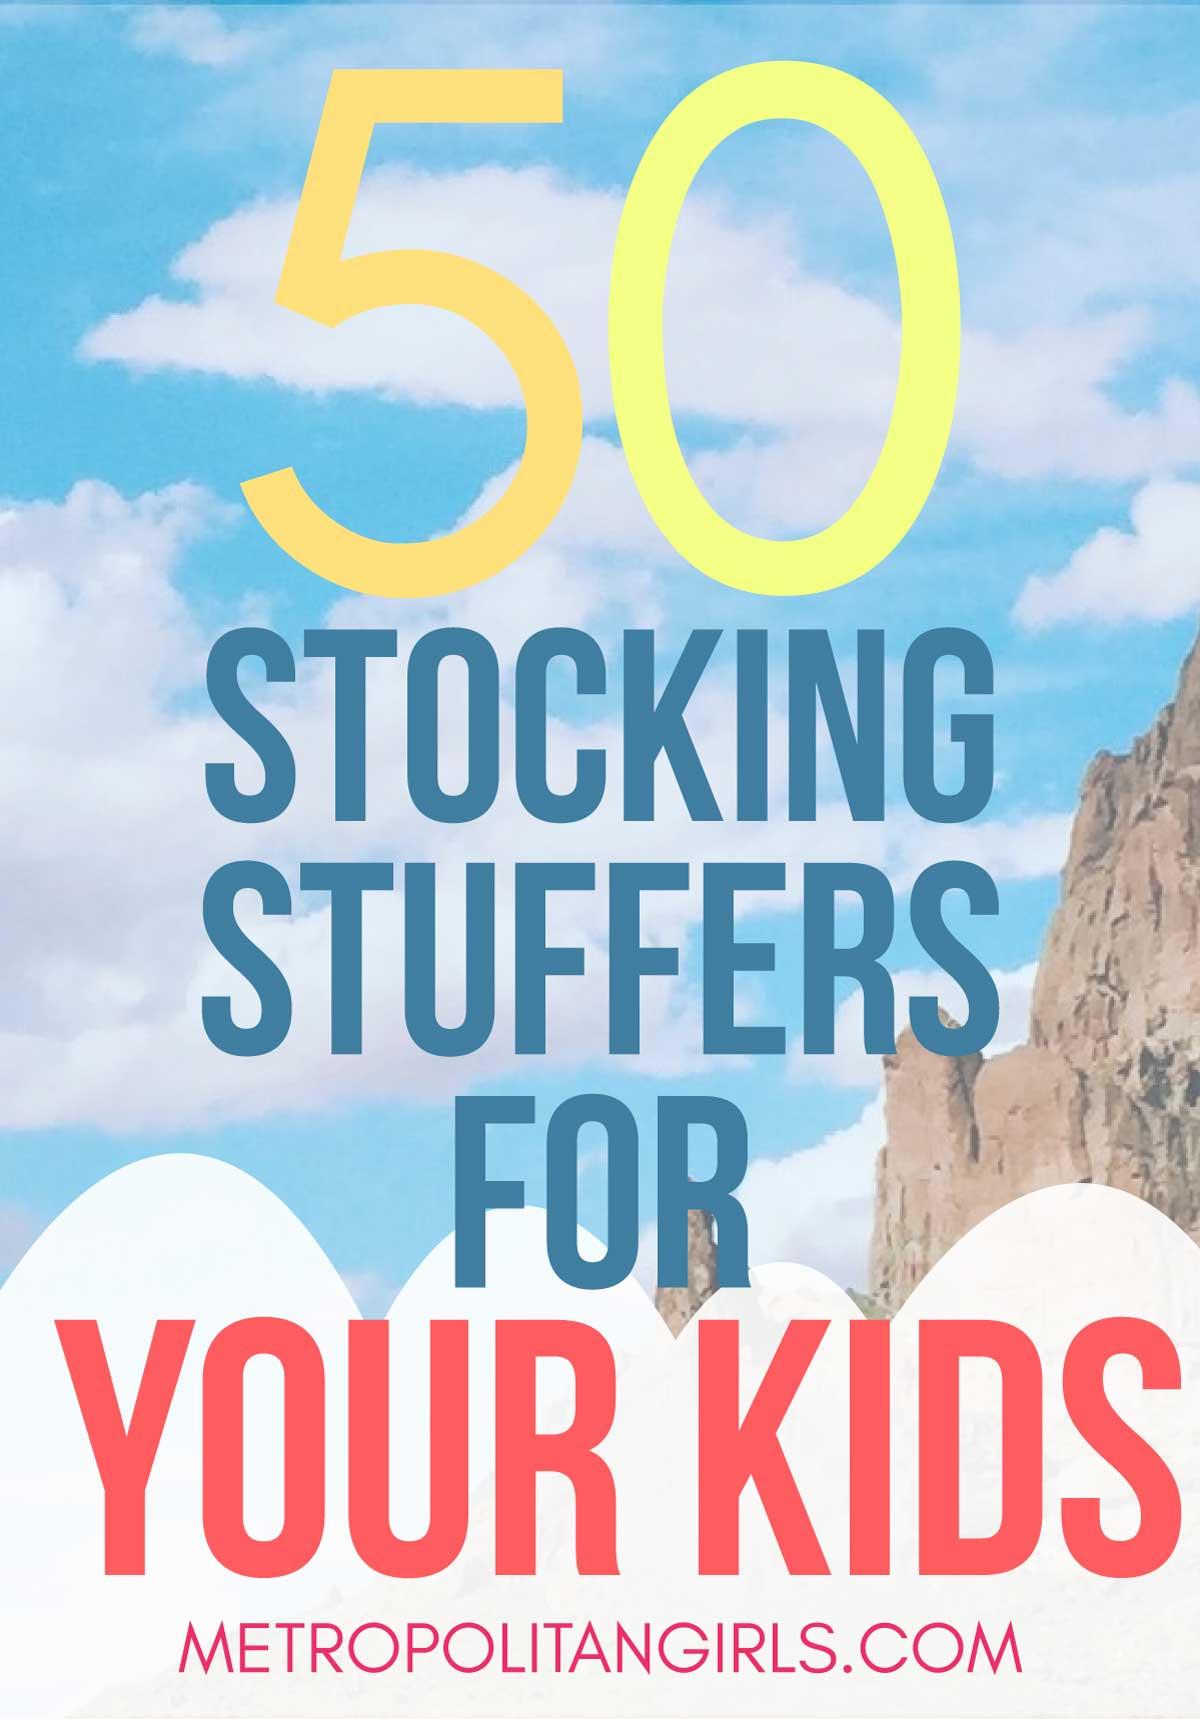 Good Stocking Stuffer Ideas for Kids